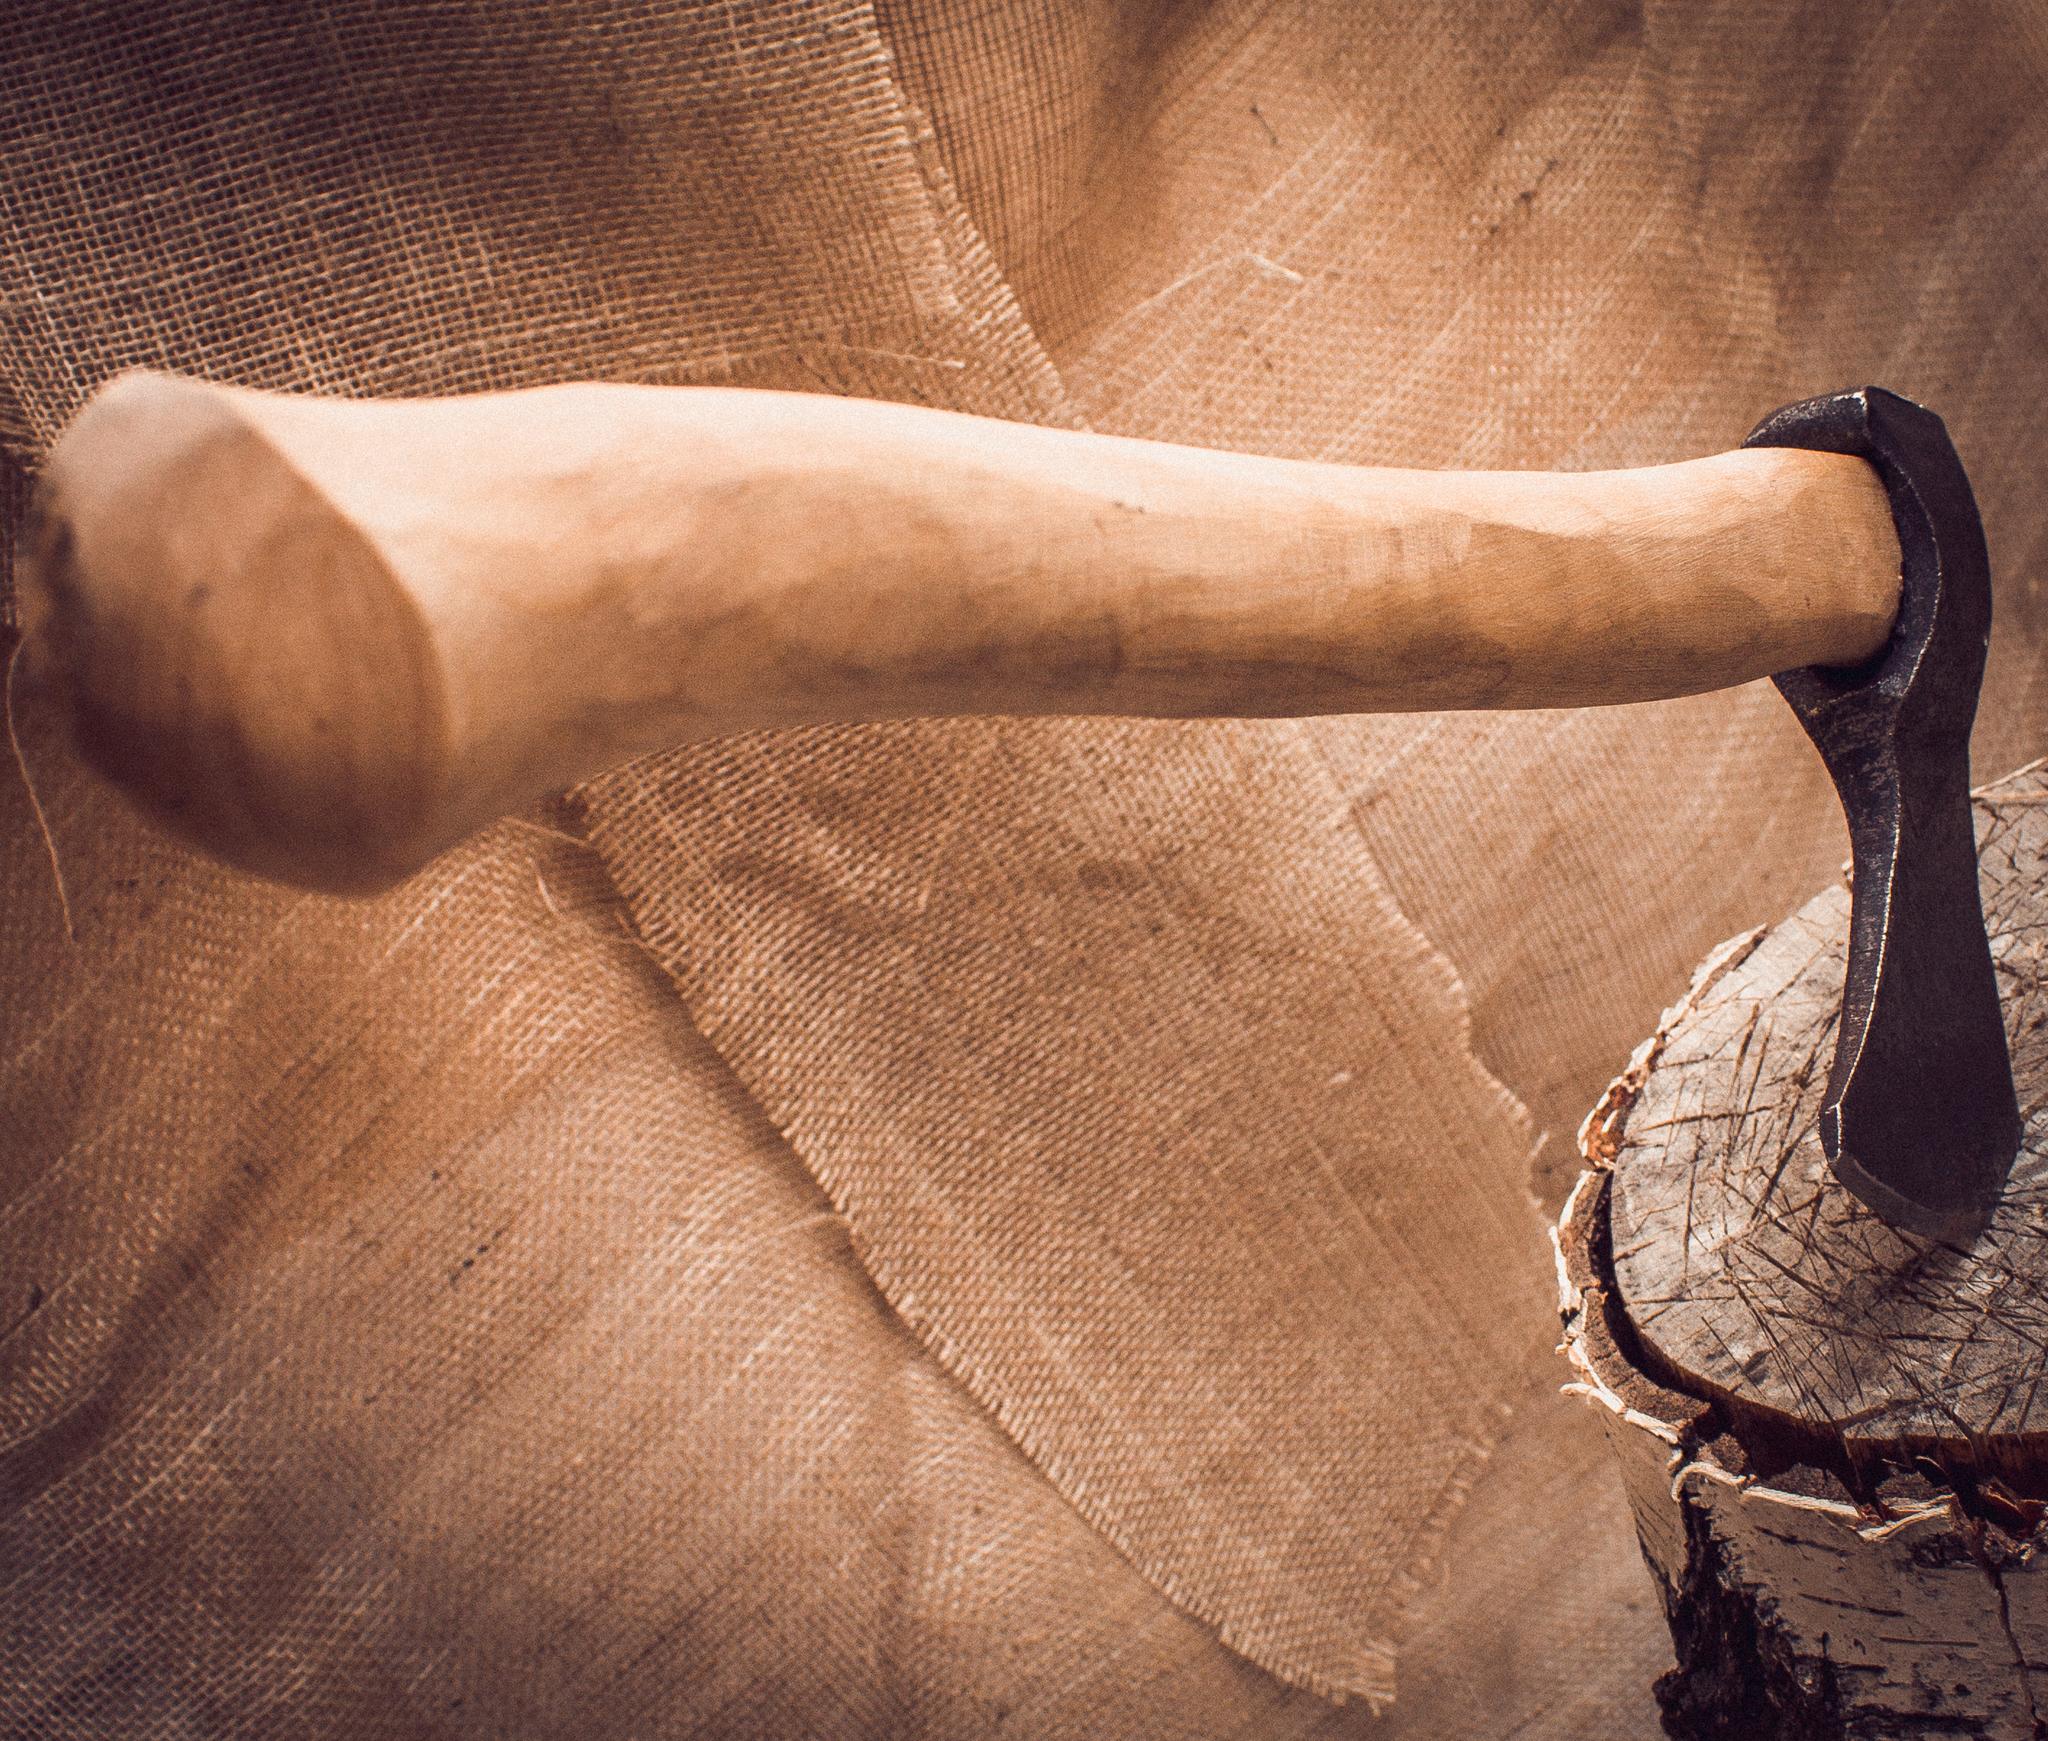 Фото 12 - Кованый топор ручной сборки Олень